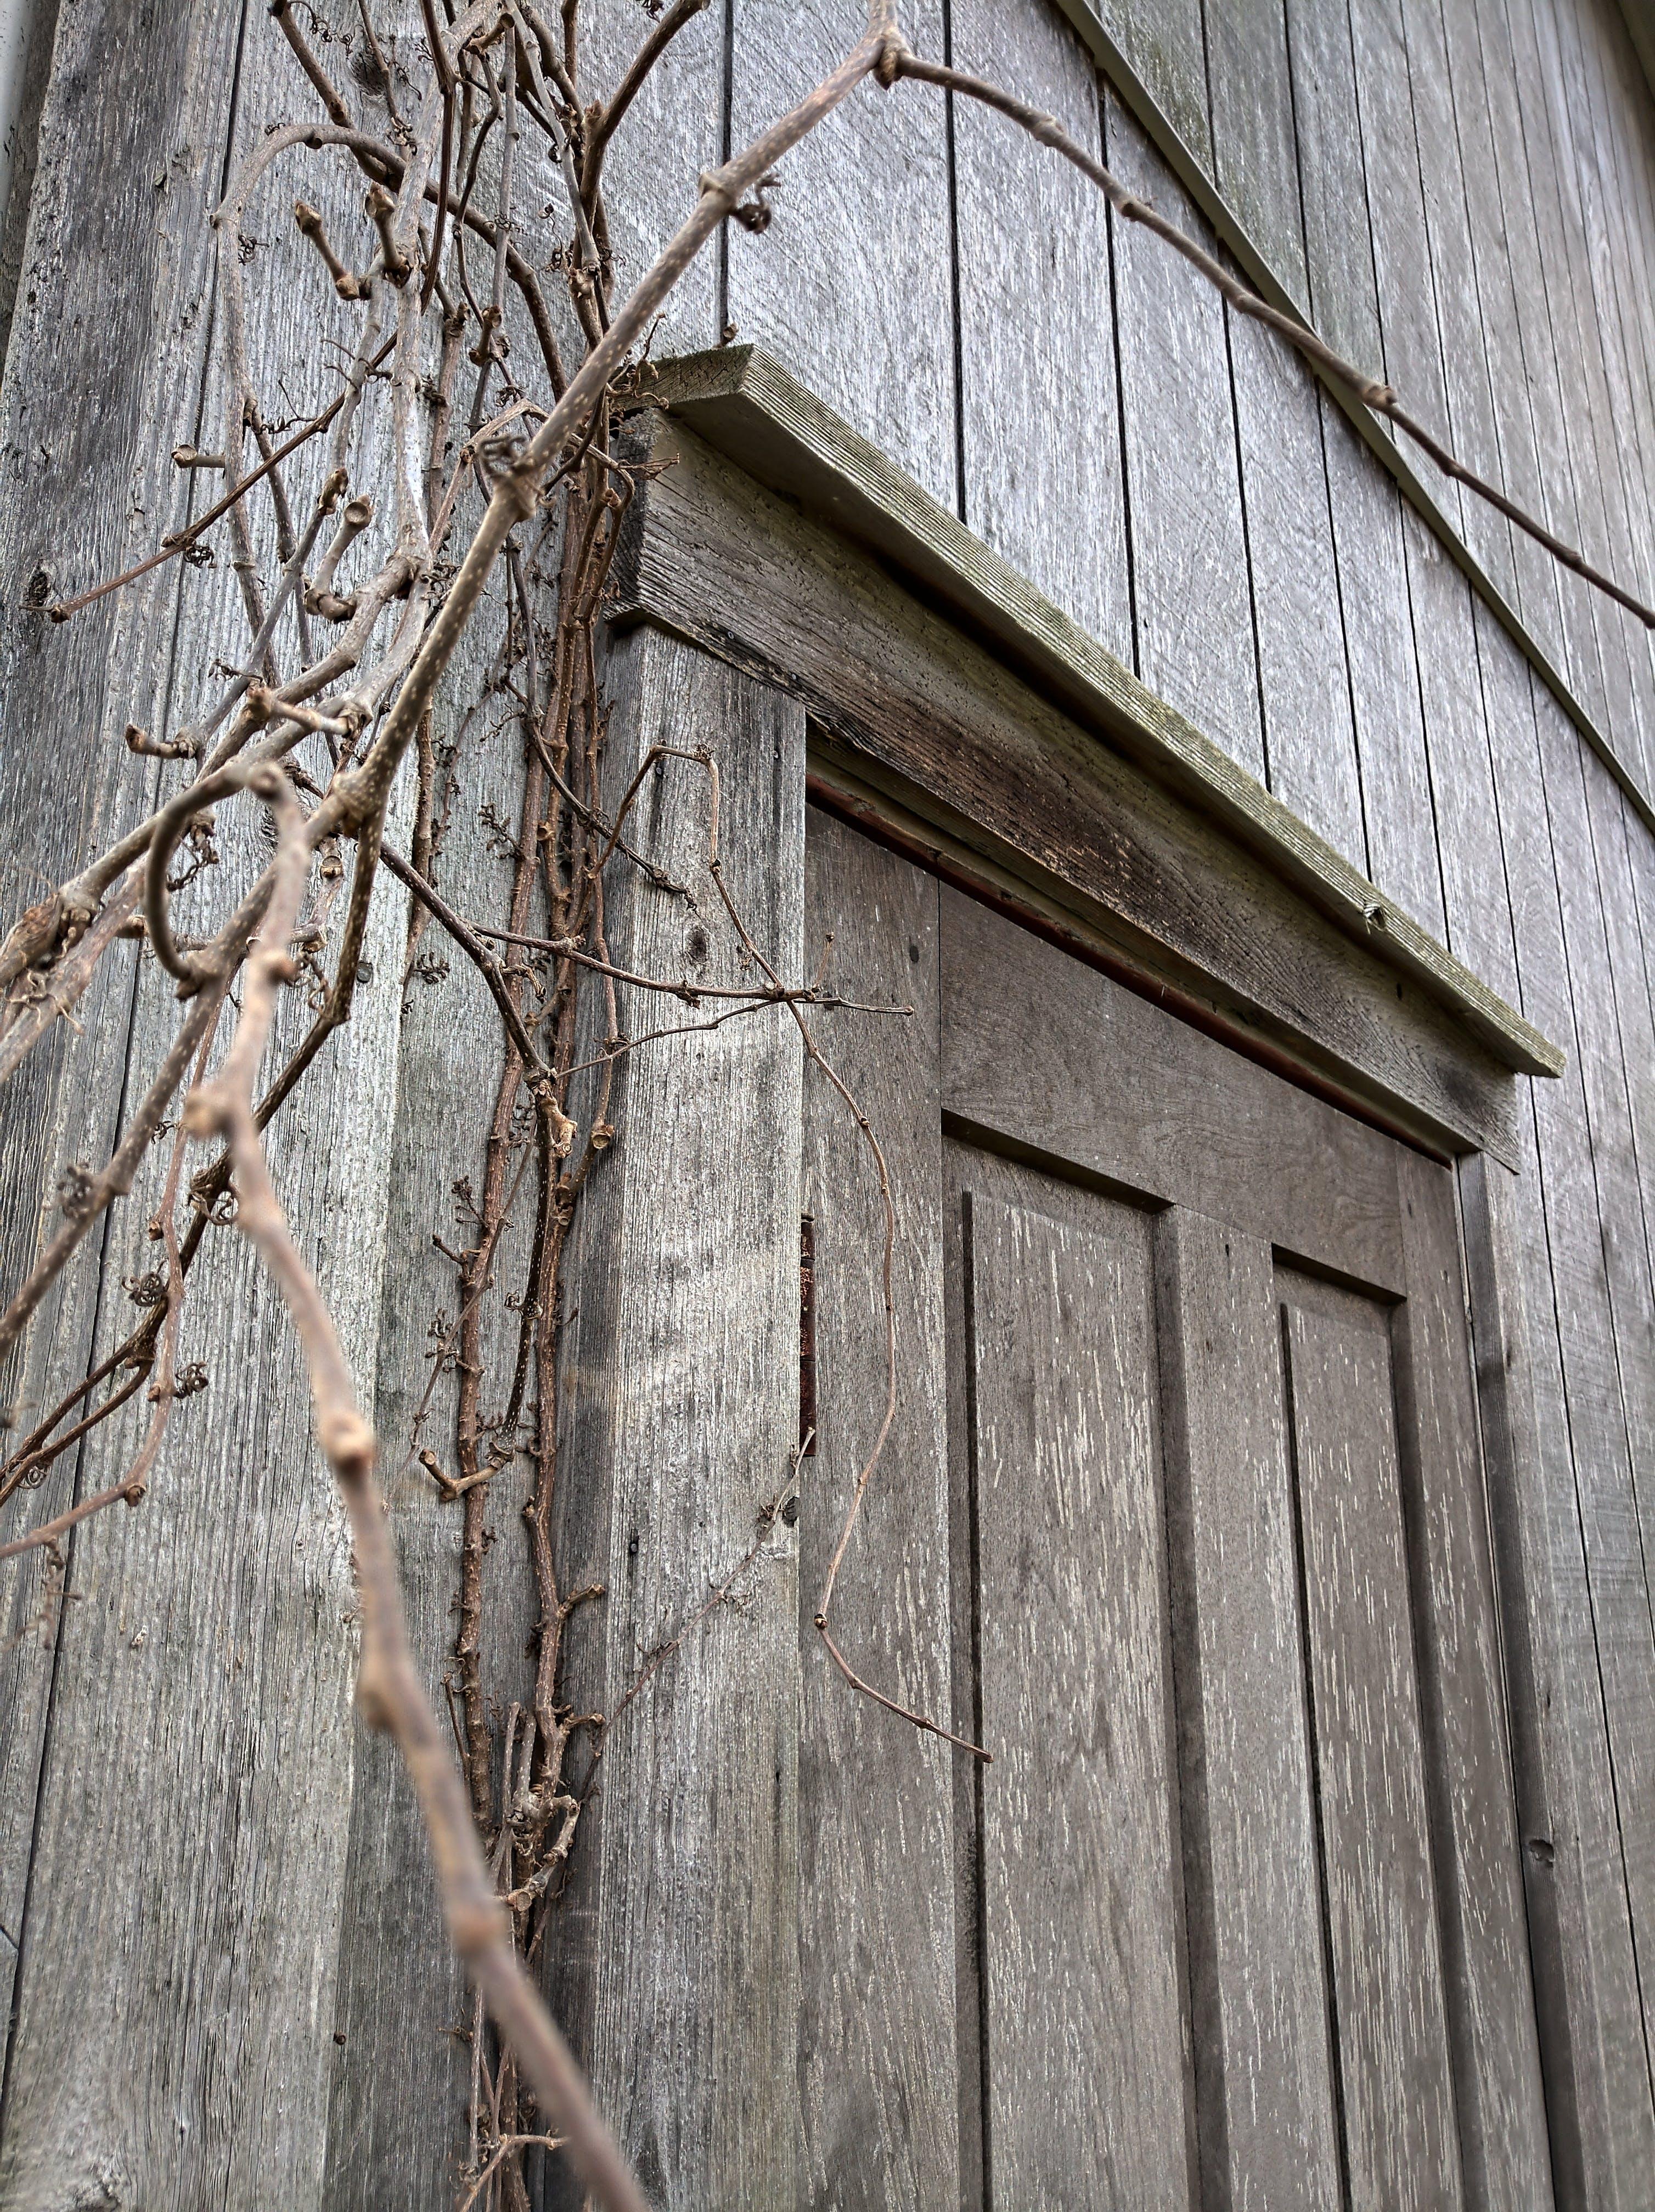 ツタ, ドア, 古いドア, 納屋のドアの無料の写真素材